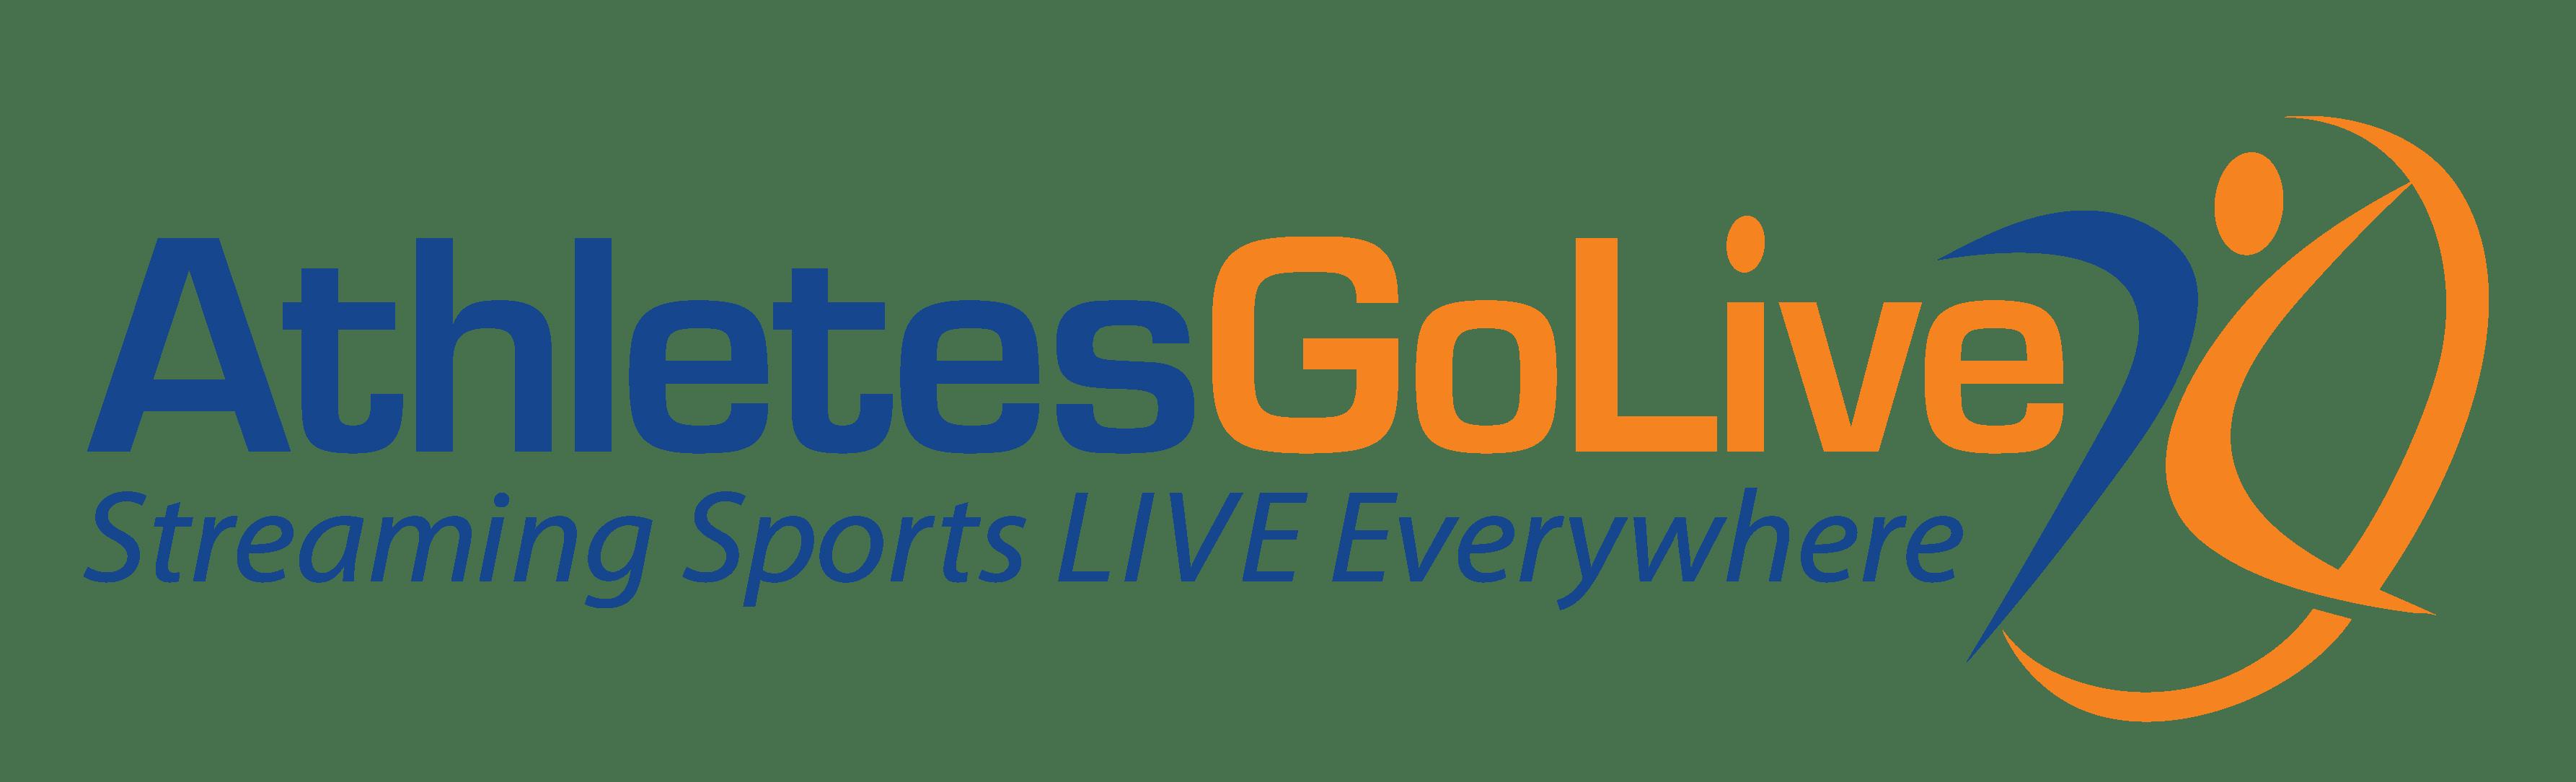 athletes_go_live_logo-01